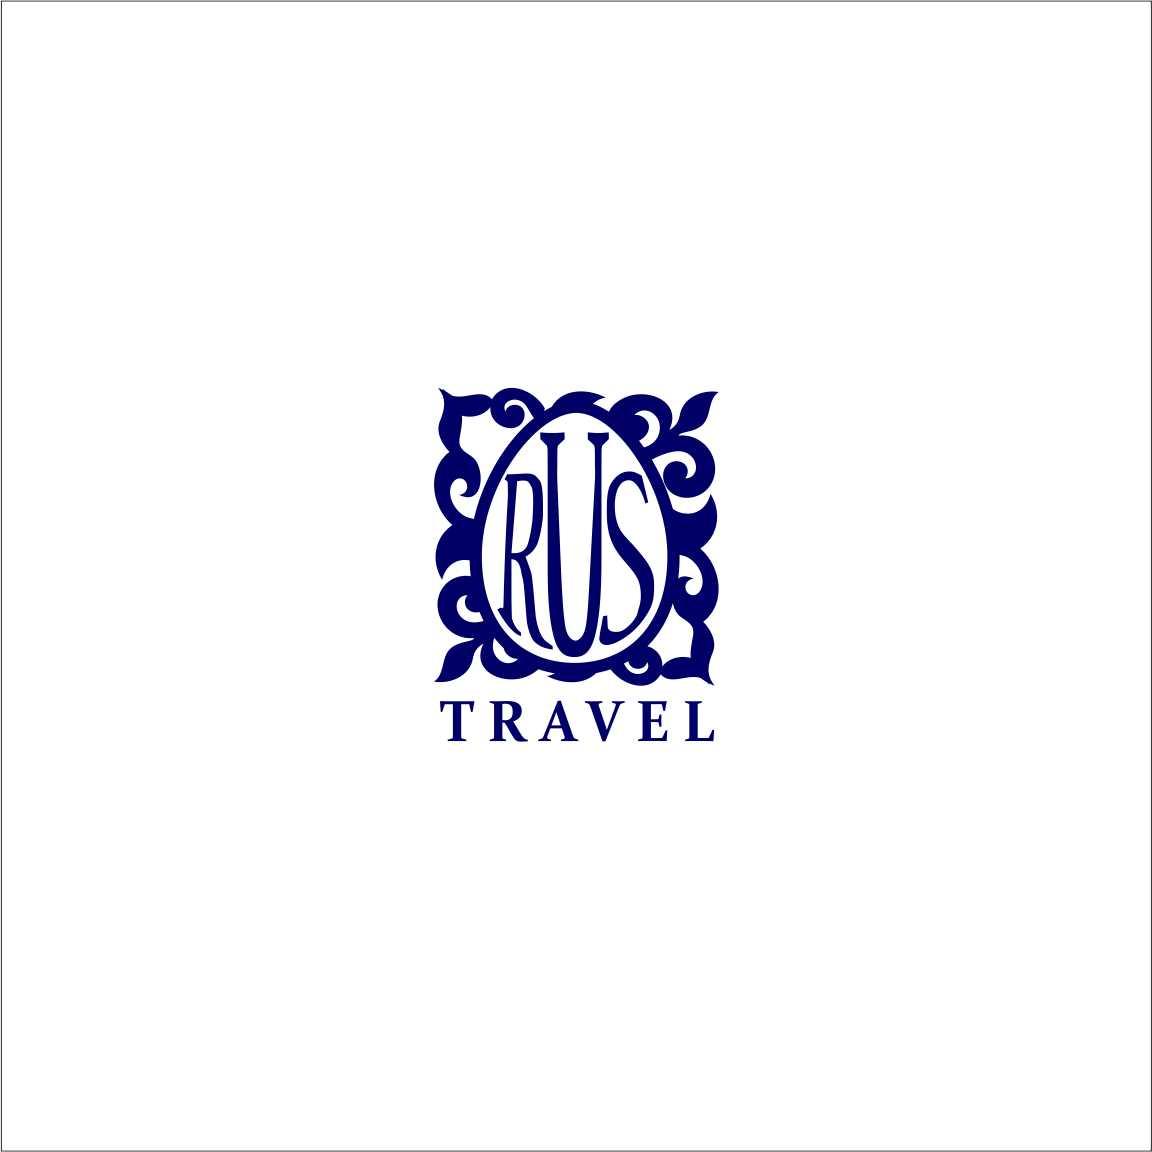 Разработка логотипа фото f_2775b3f459a659f5.jpg